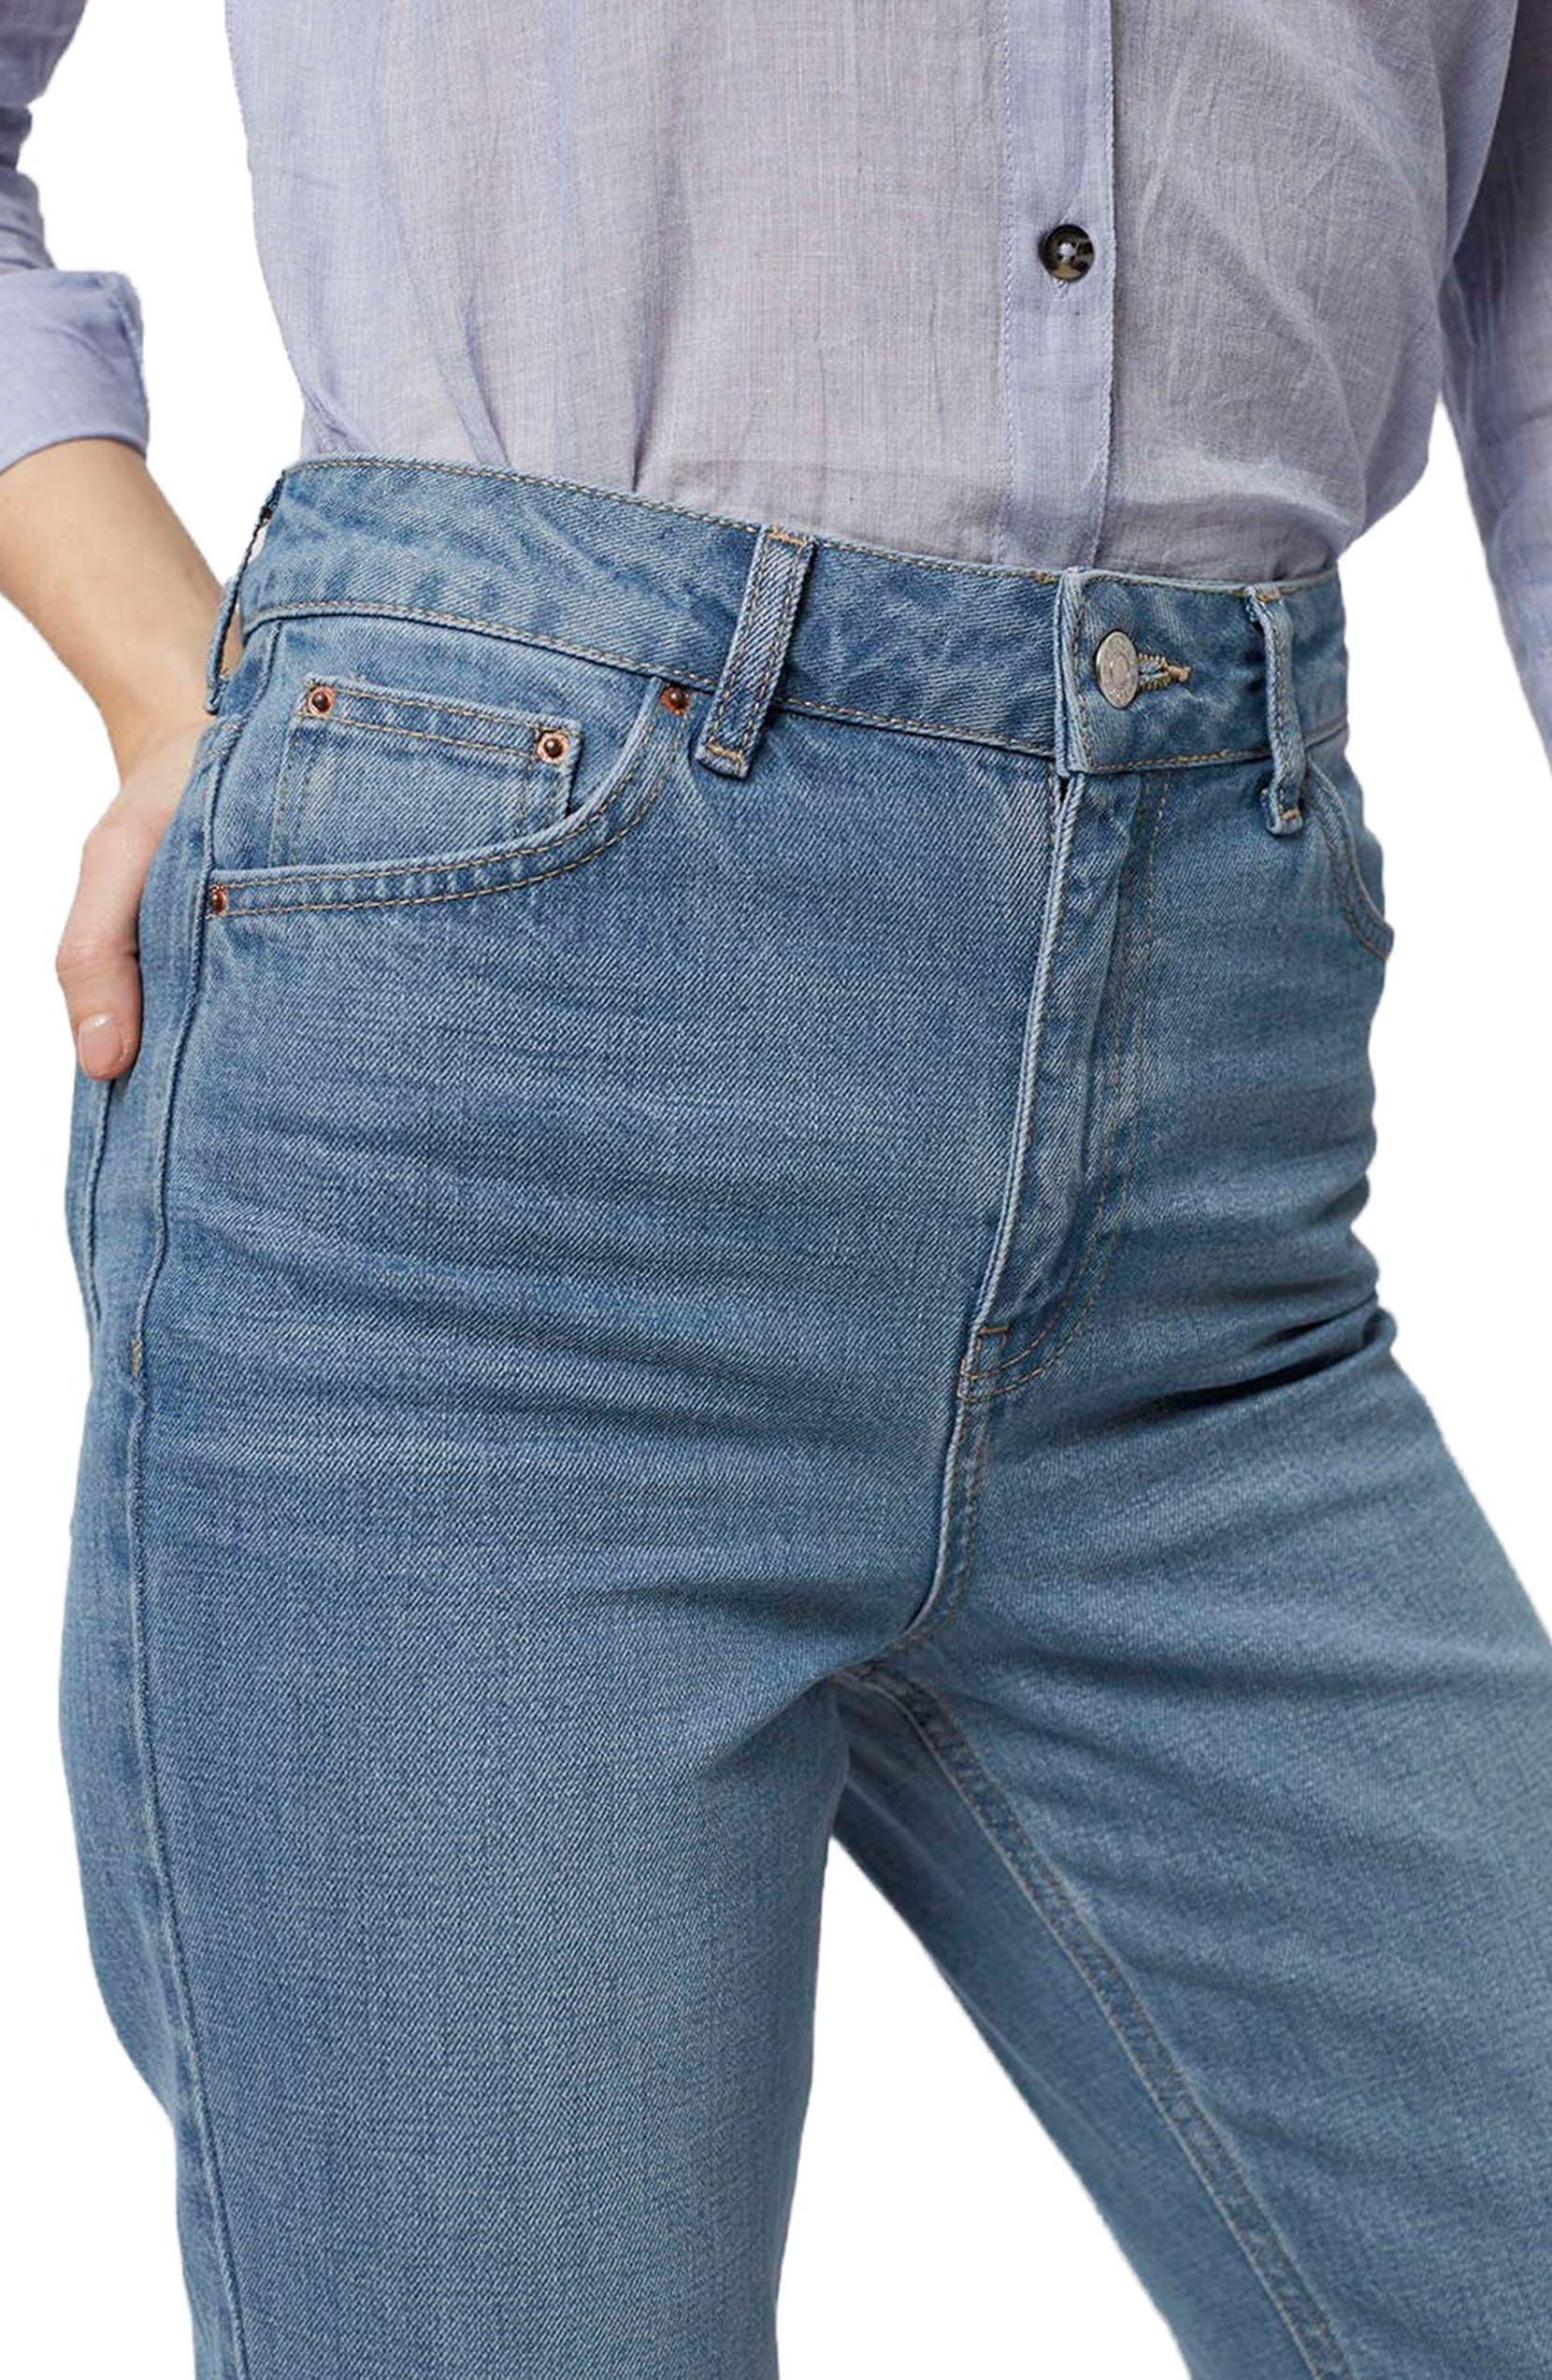 Topshop High Rise Mom Jeans Nordstrom N Bab Dress Vest Blue Denim